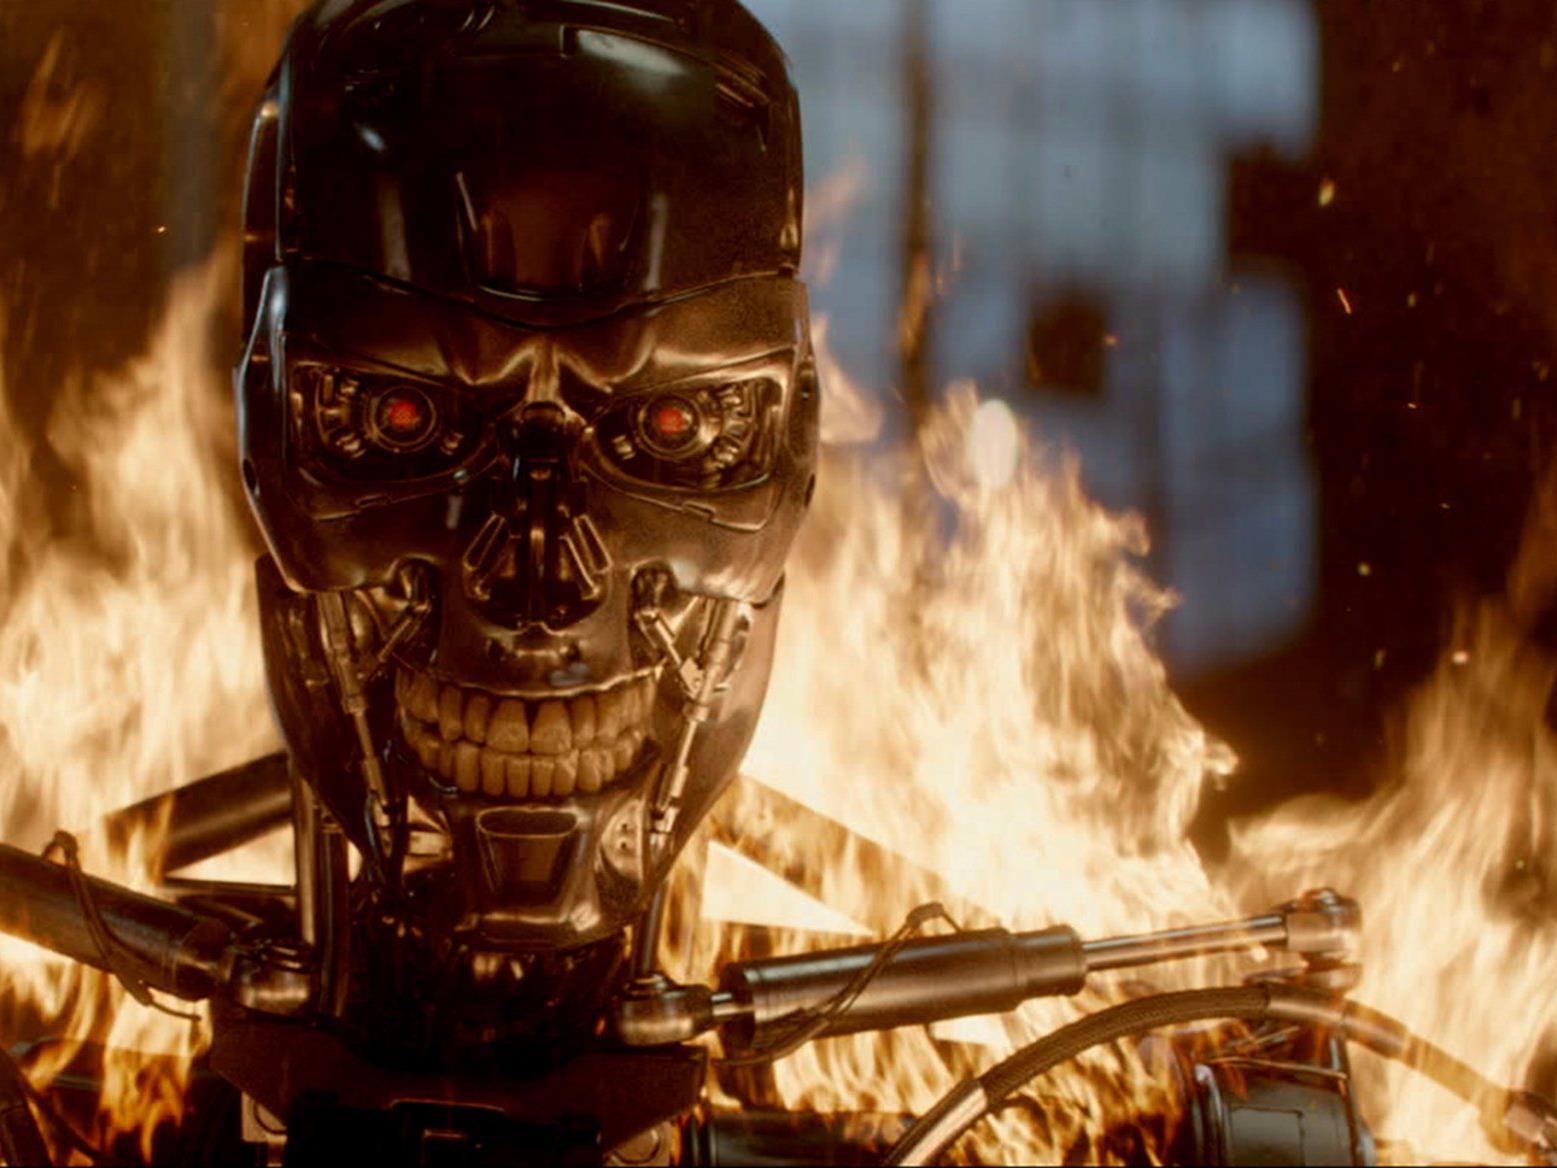 Forscher warnen vor Rüstungswettlauf mit autonomen Waffen.